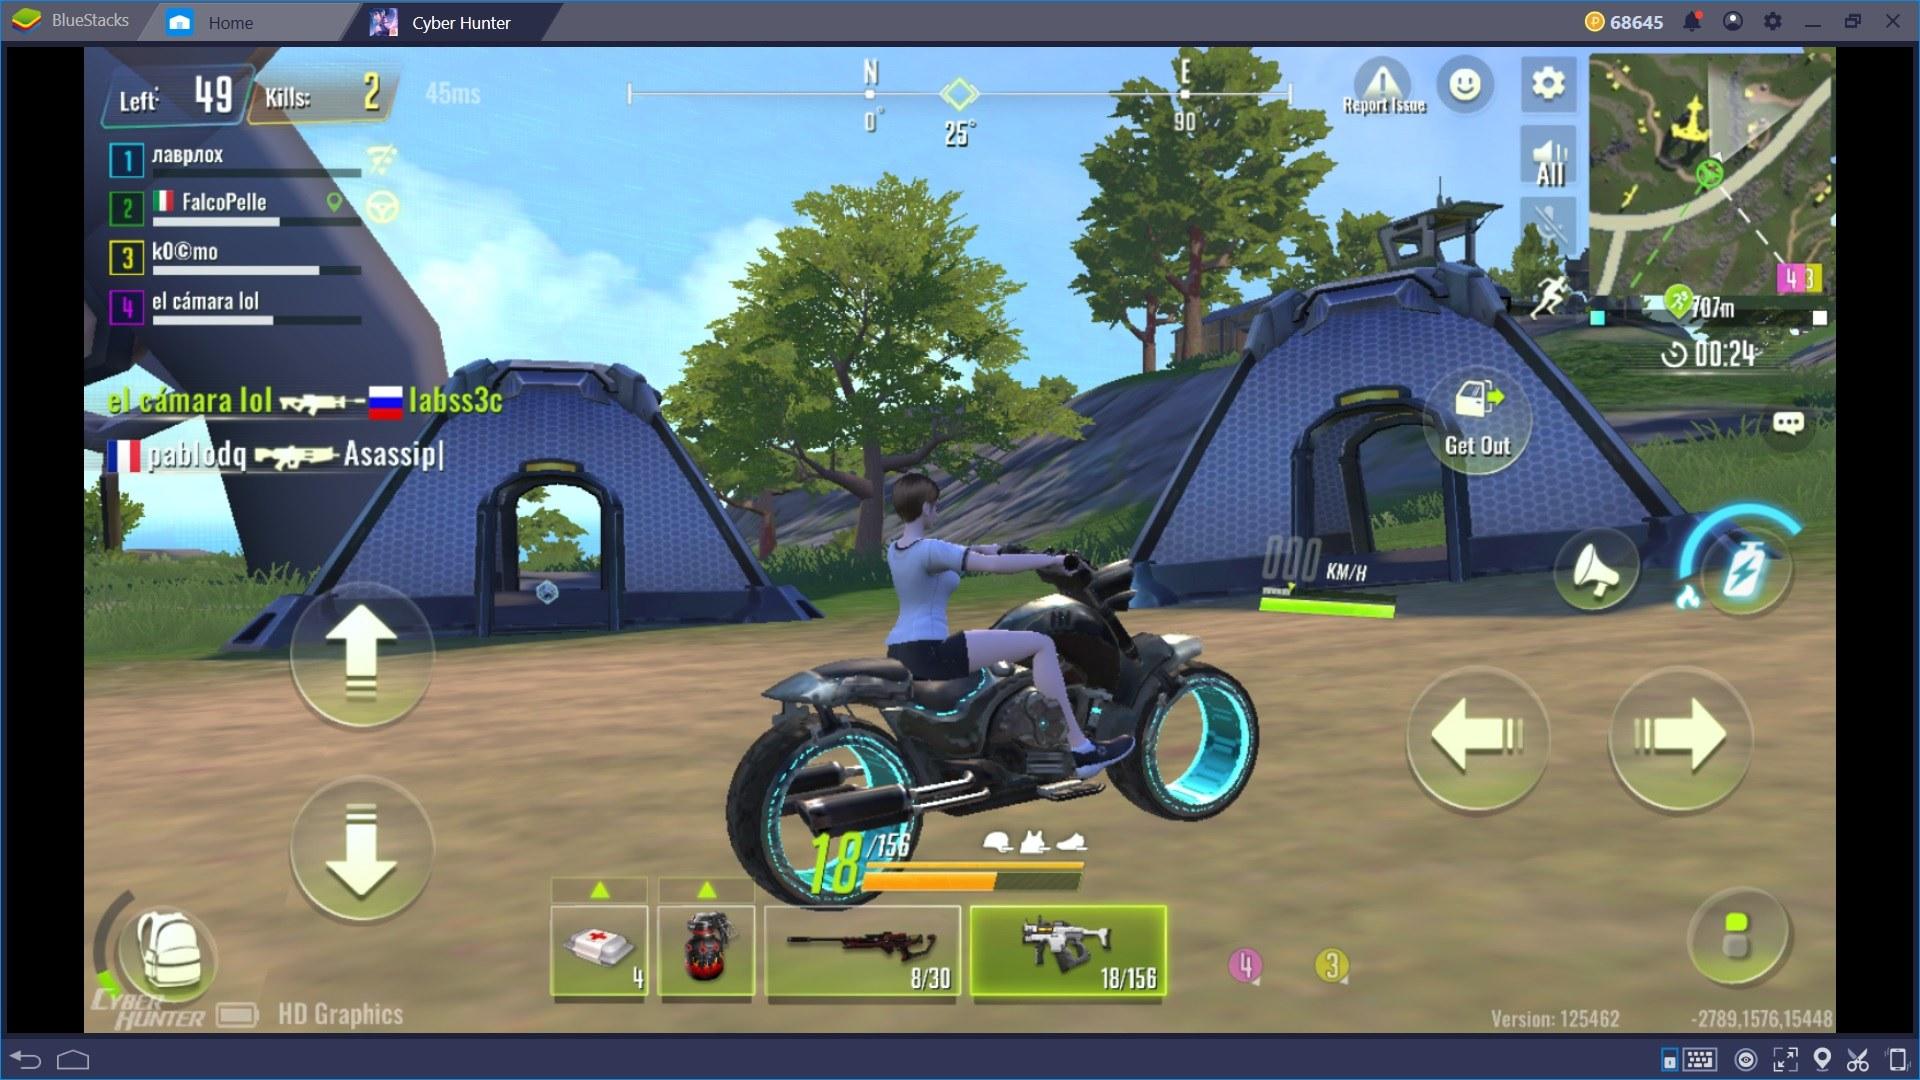 """La Recensione di Cyber Hunter, l'innovativo """"sci-fi"""" battle royale game"""